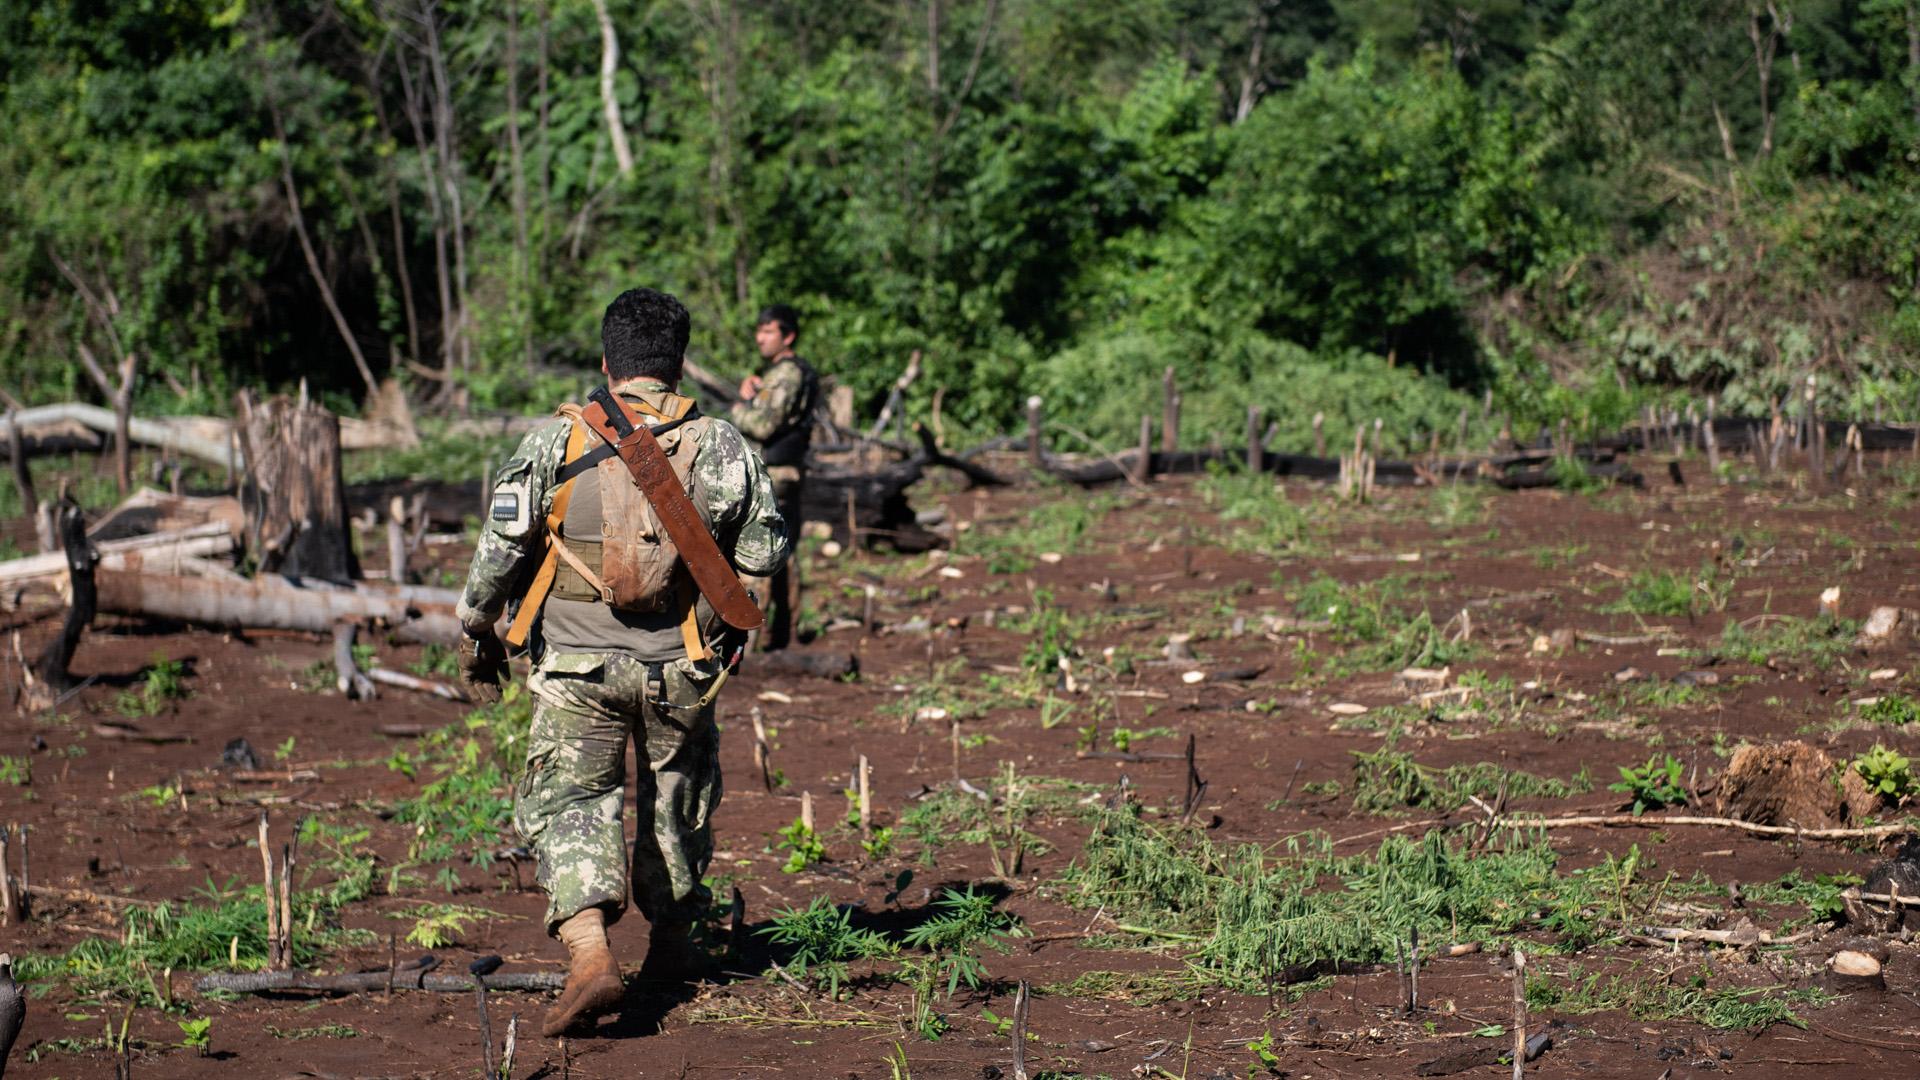 Hombres del SENAD y de las fuerzas especiales paraguayas: los jornaleros a sueldo de los narcos talaron la reserva forestal de una estancia.